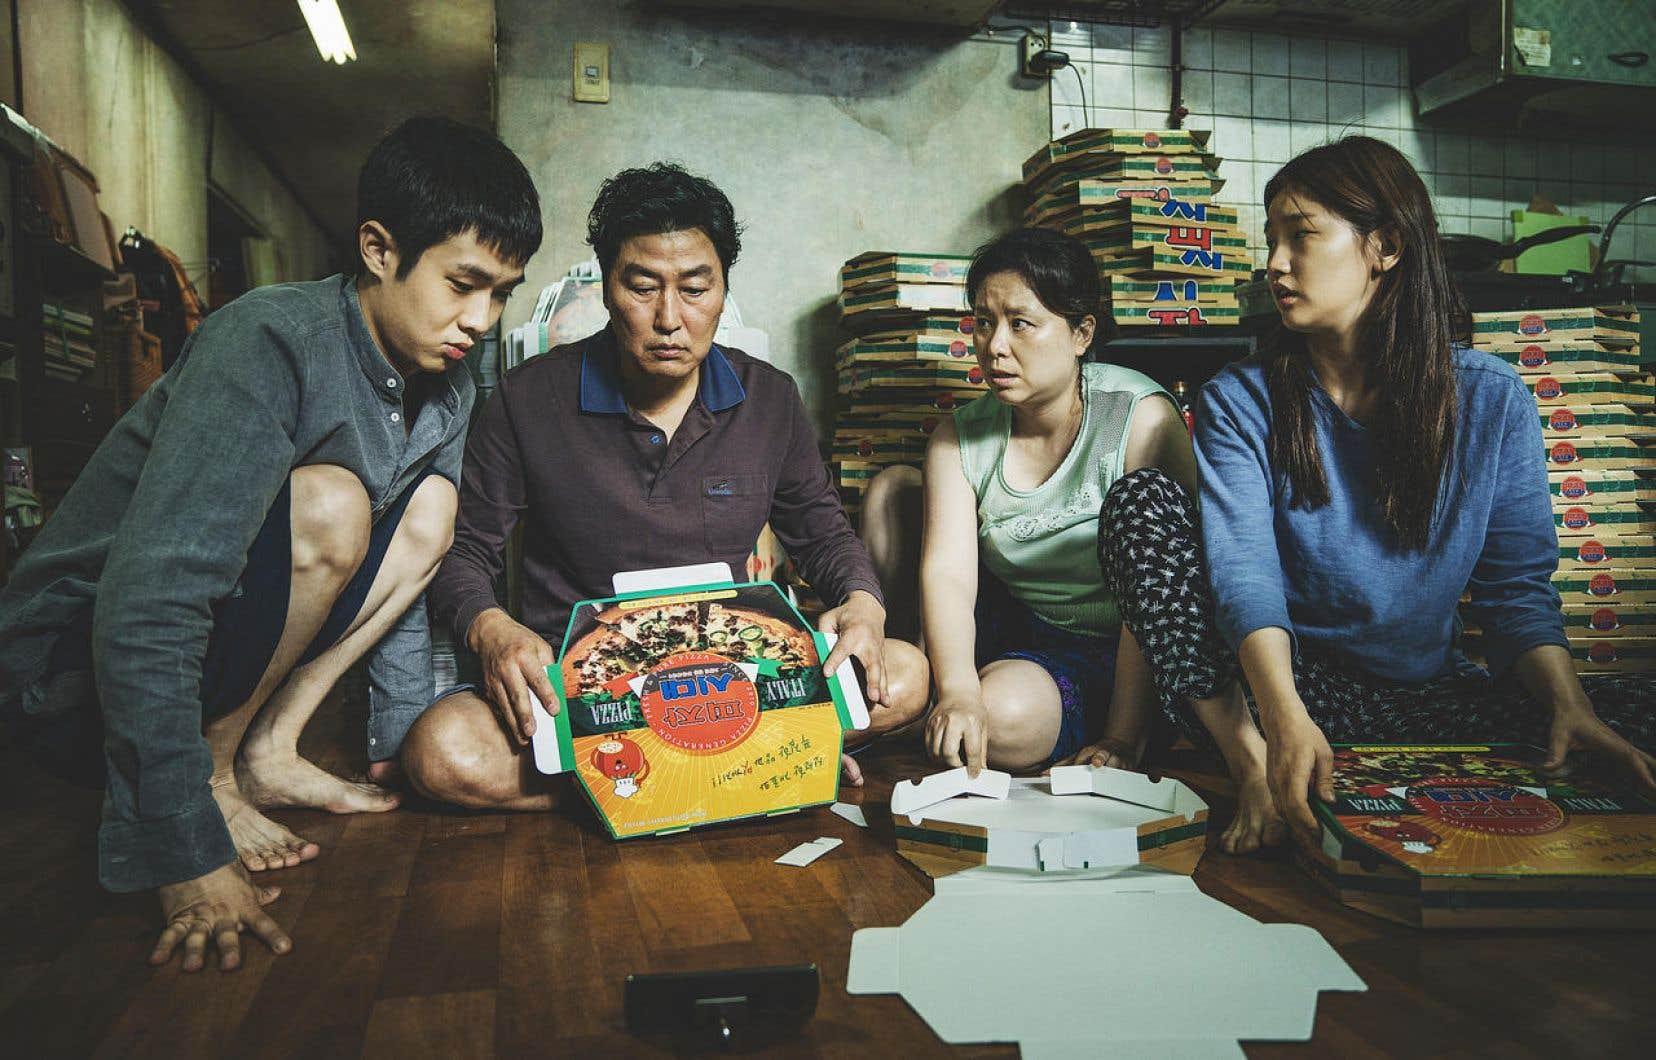 Une scène de «Parasite», du réalisateur Sud-Coréen Bong Joon-ho. Le film connaît un succès international.